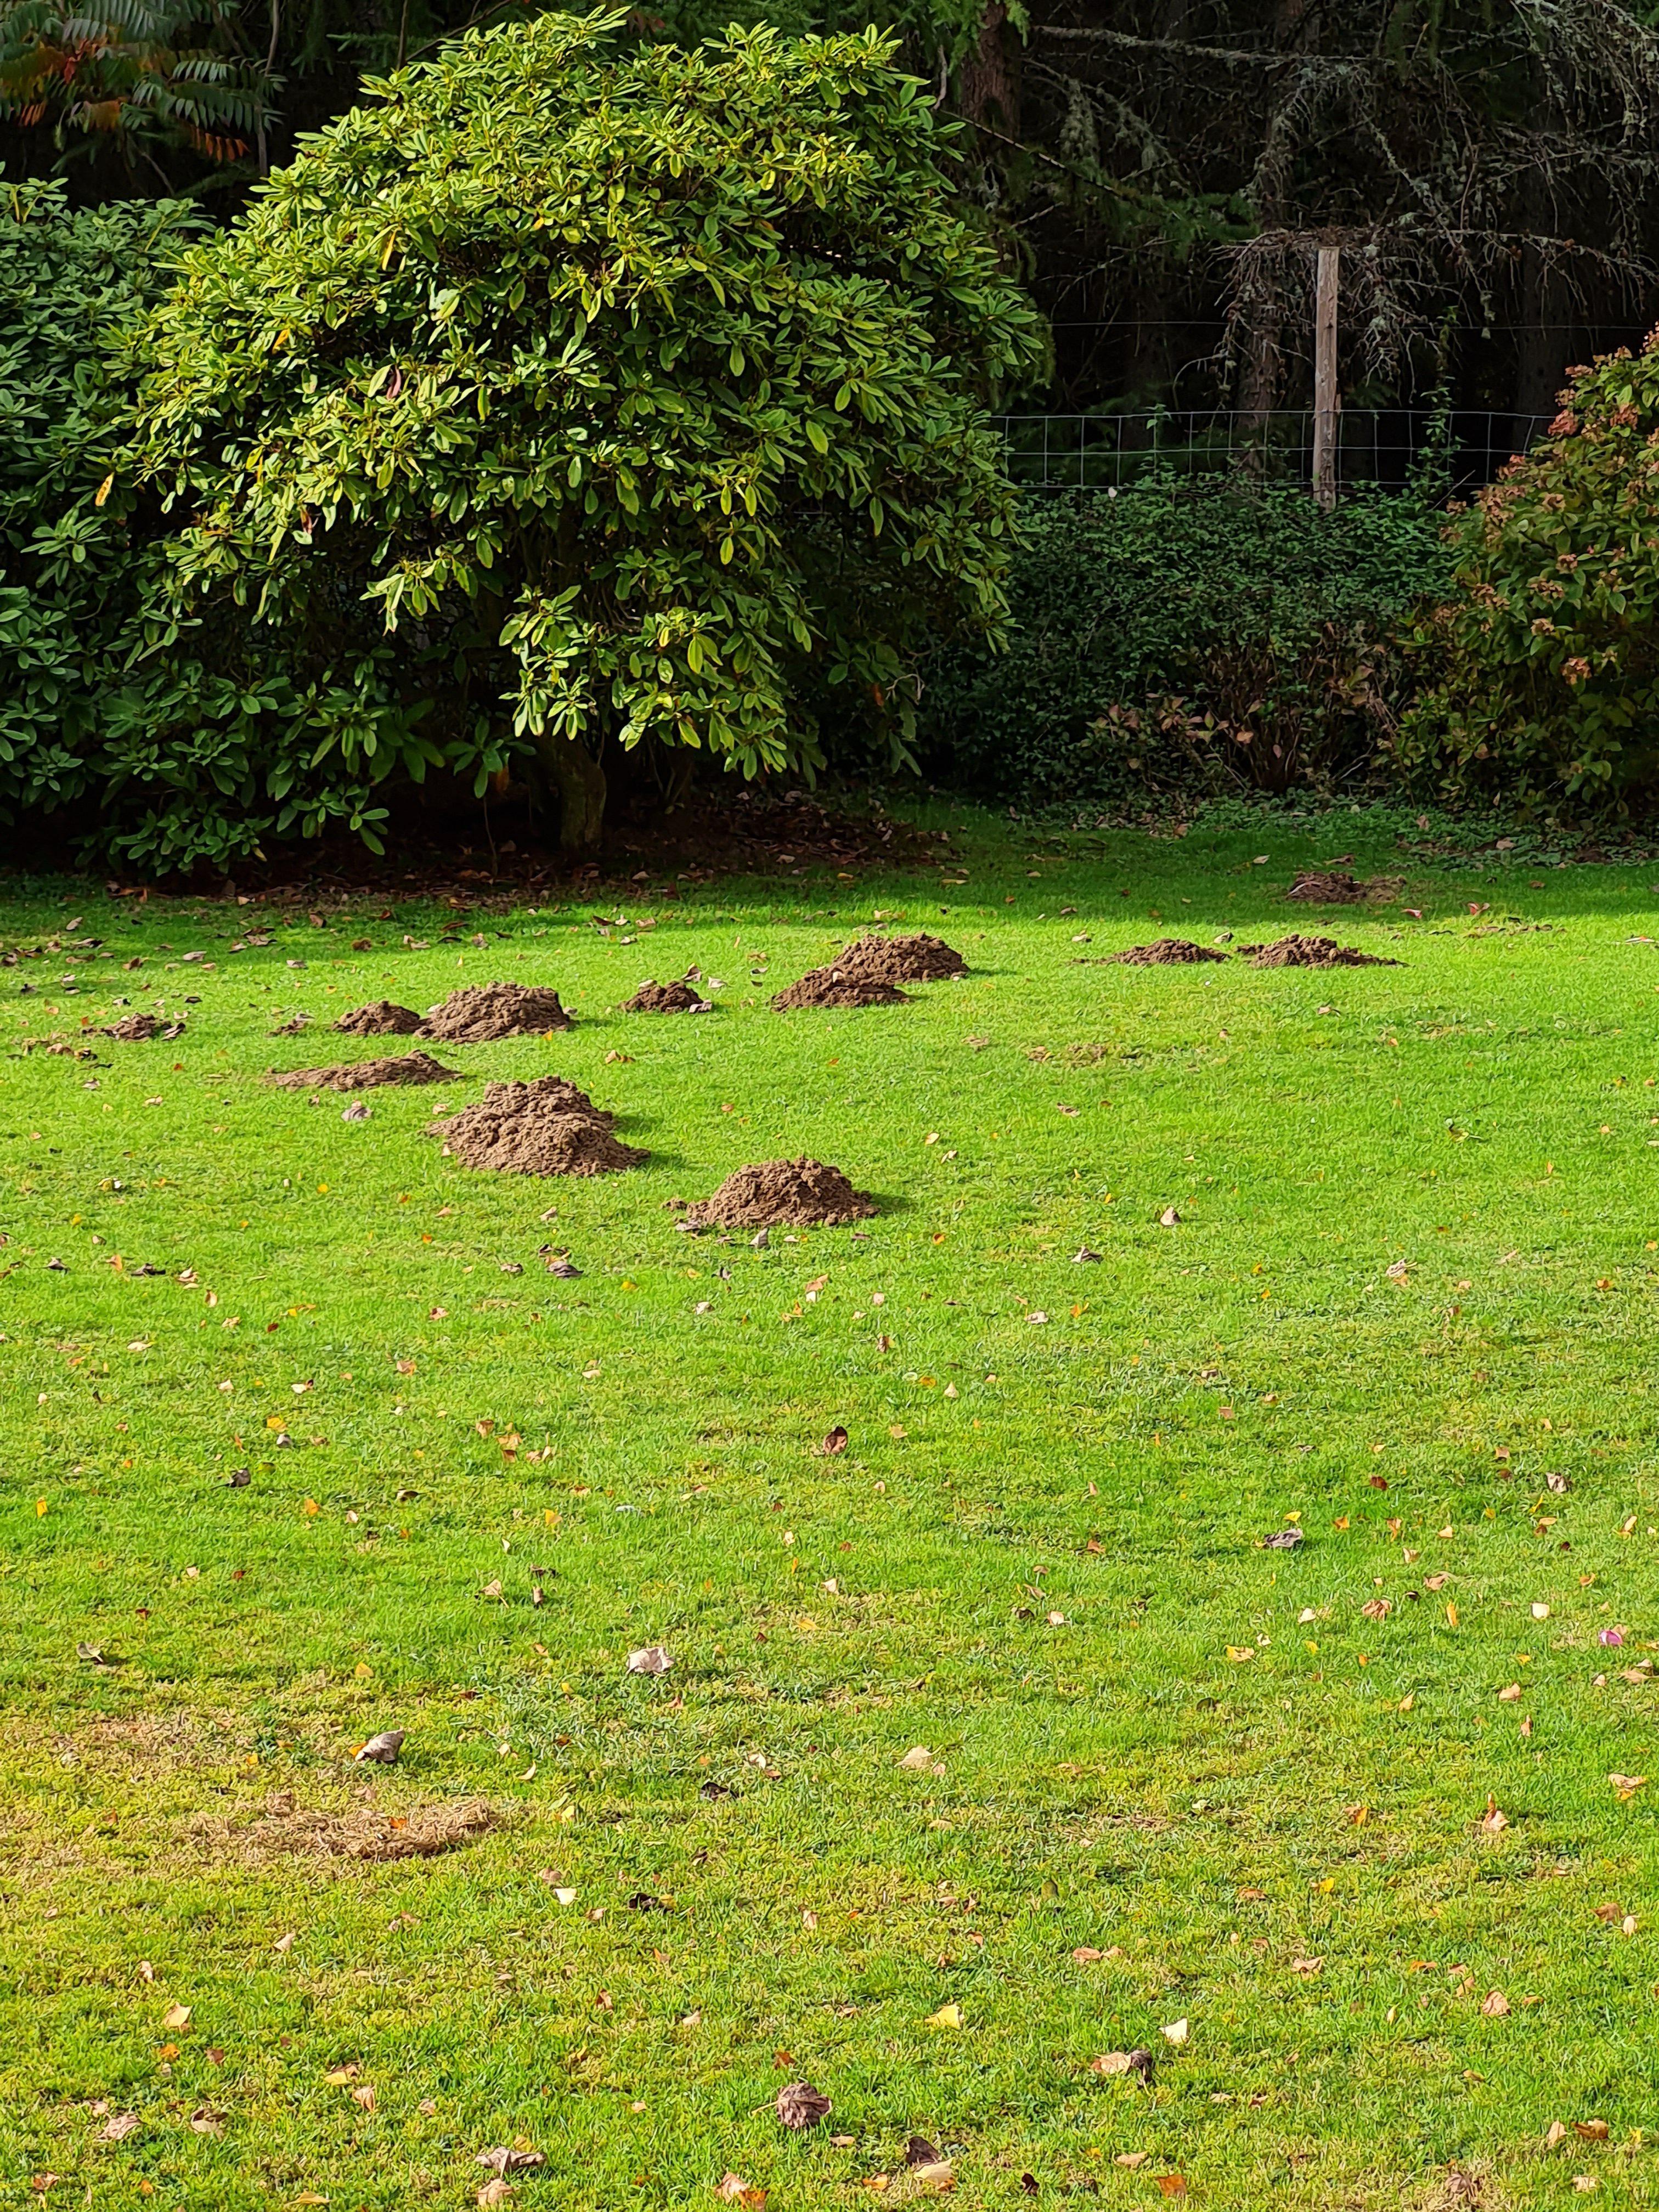 Mole Hills in Garden